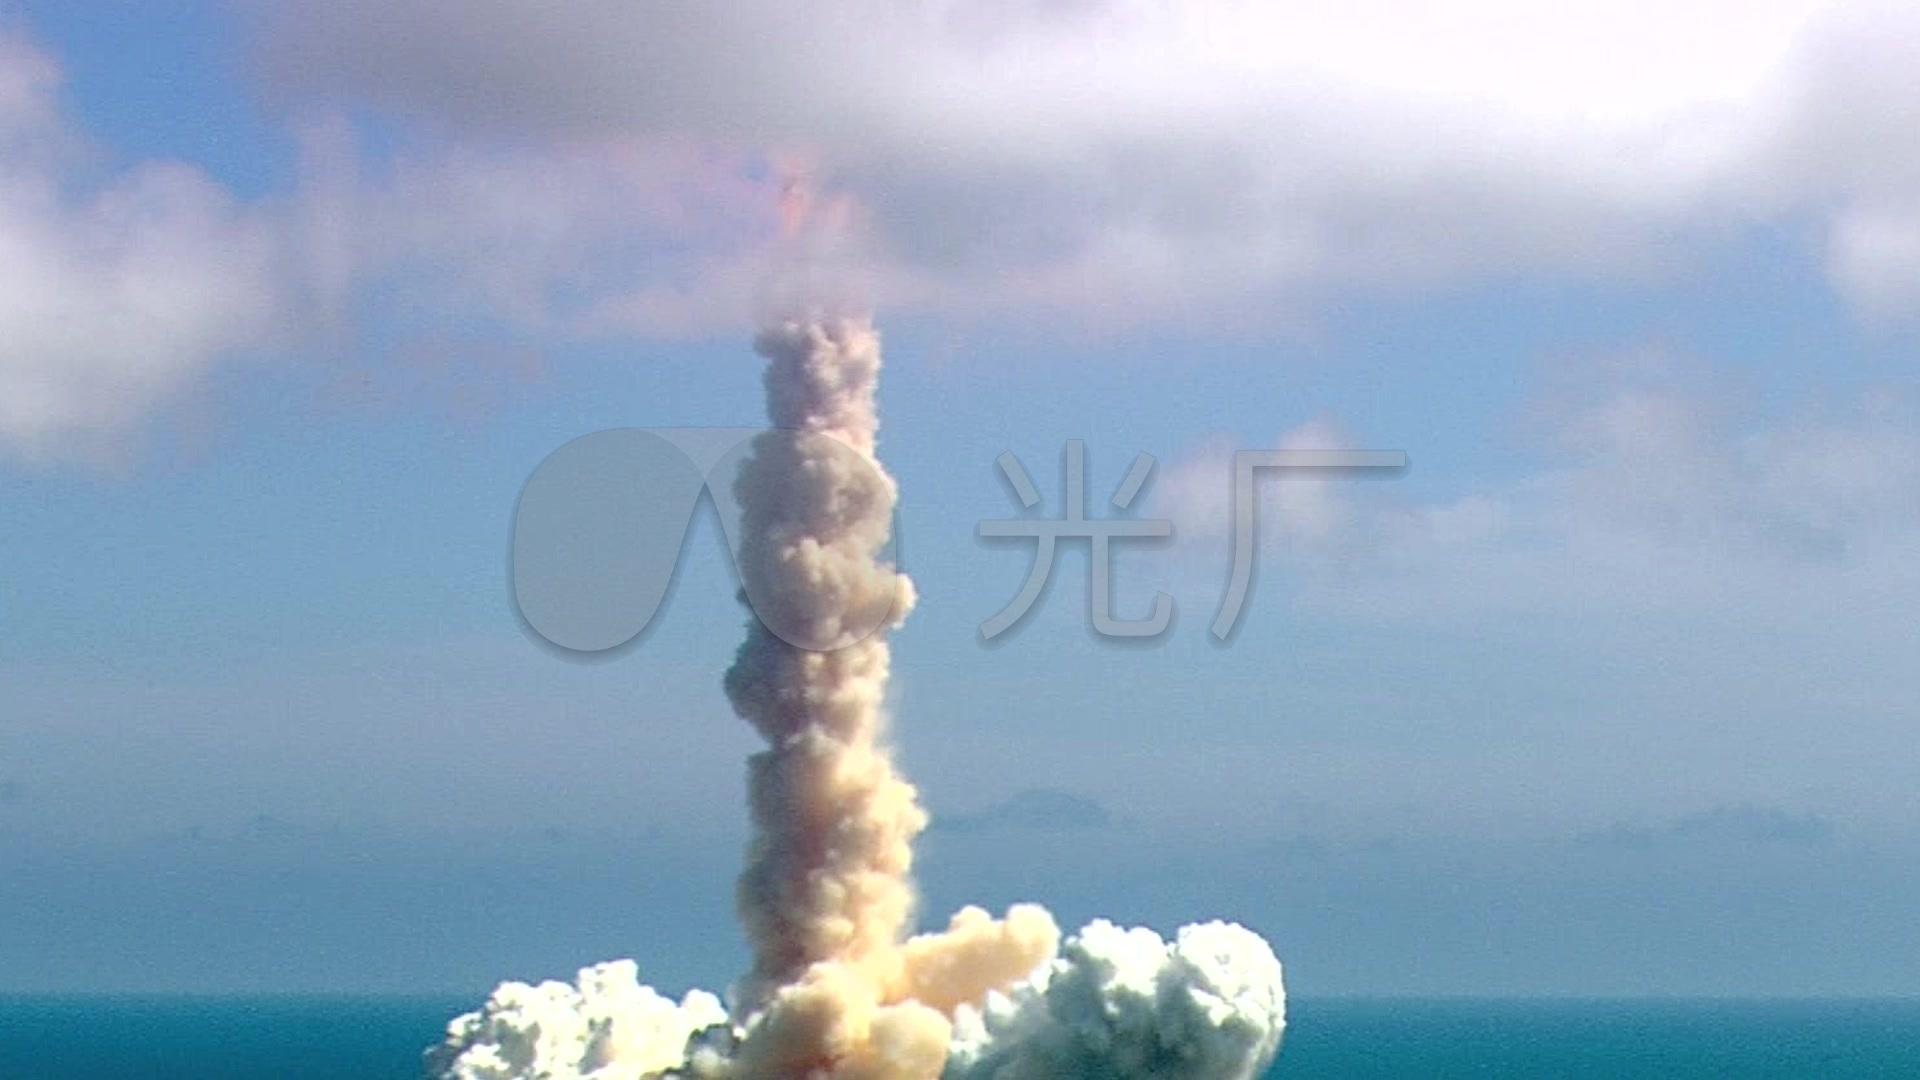 航天飞机火箭发射升空_1920x1080_高清视频素材下载